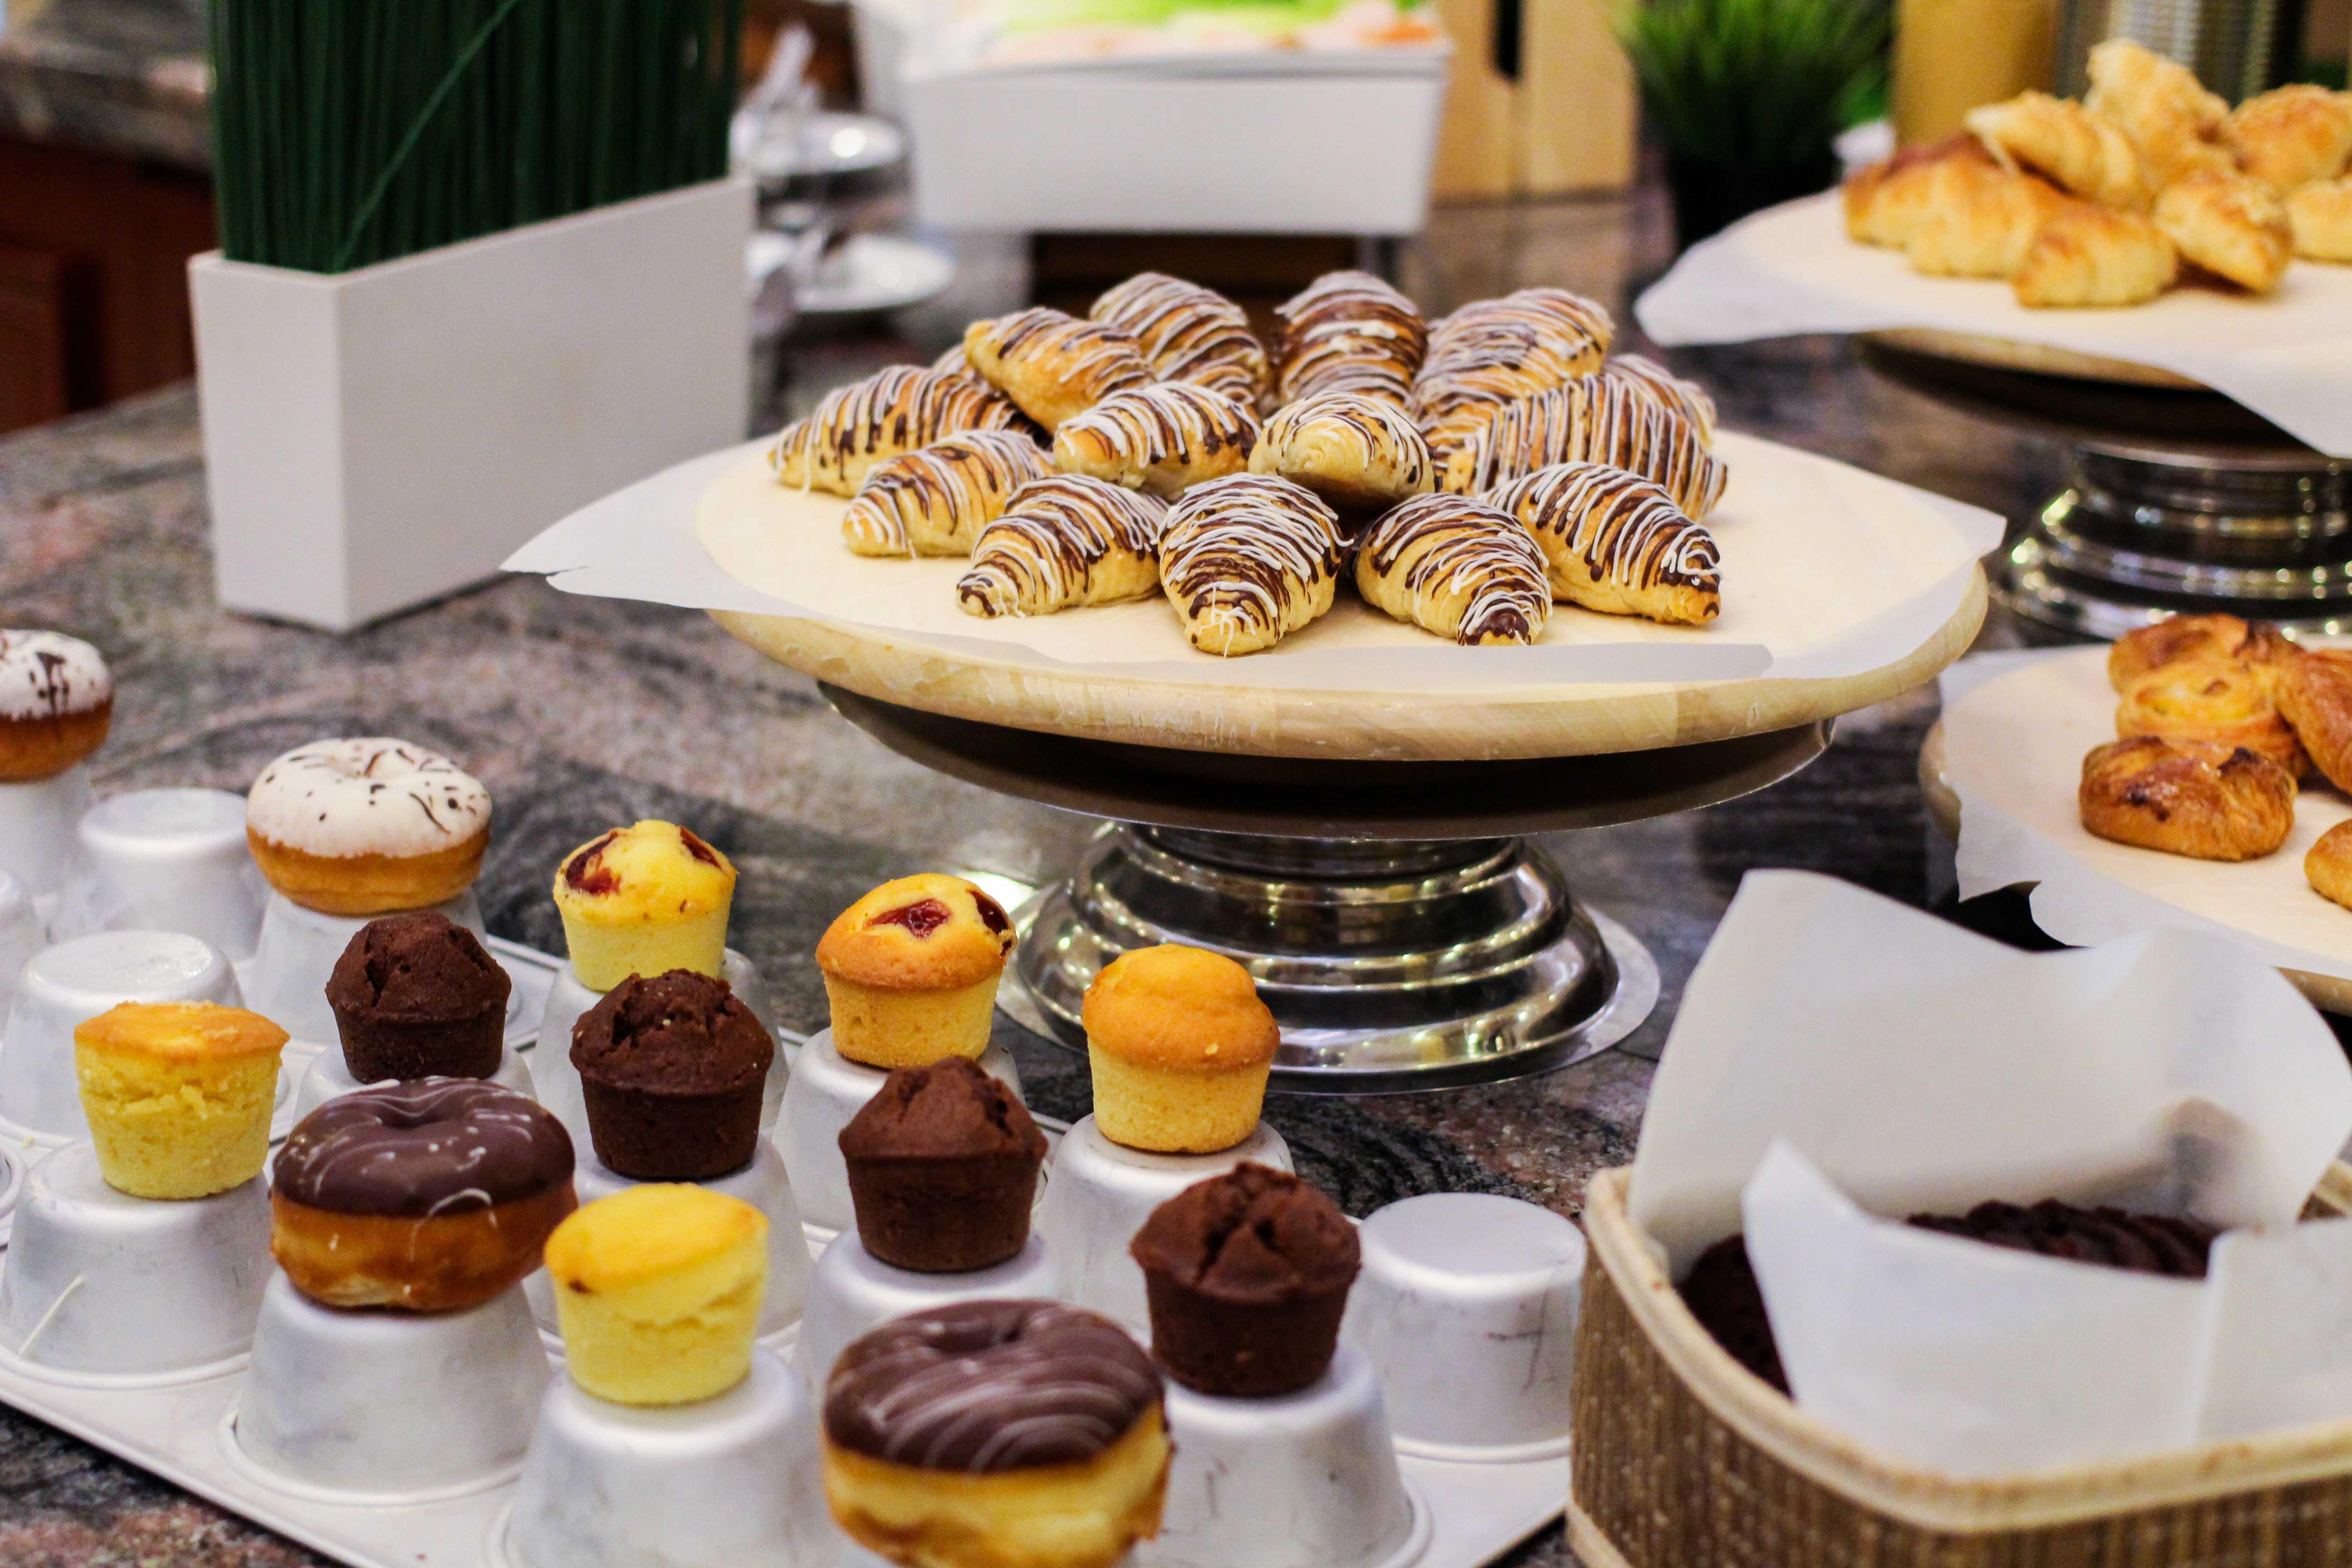 Warwick Hotel Doha Restaurant Frühstück Luxushotel 5 Sterne Hotel Katar Reiseblog